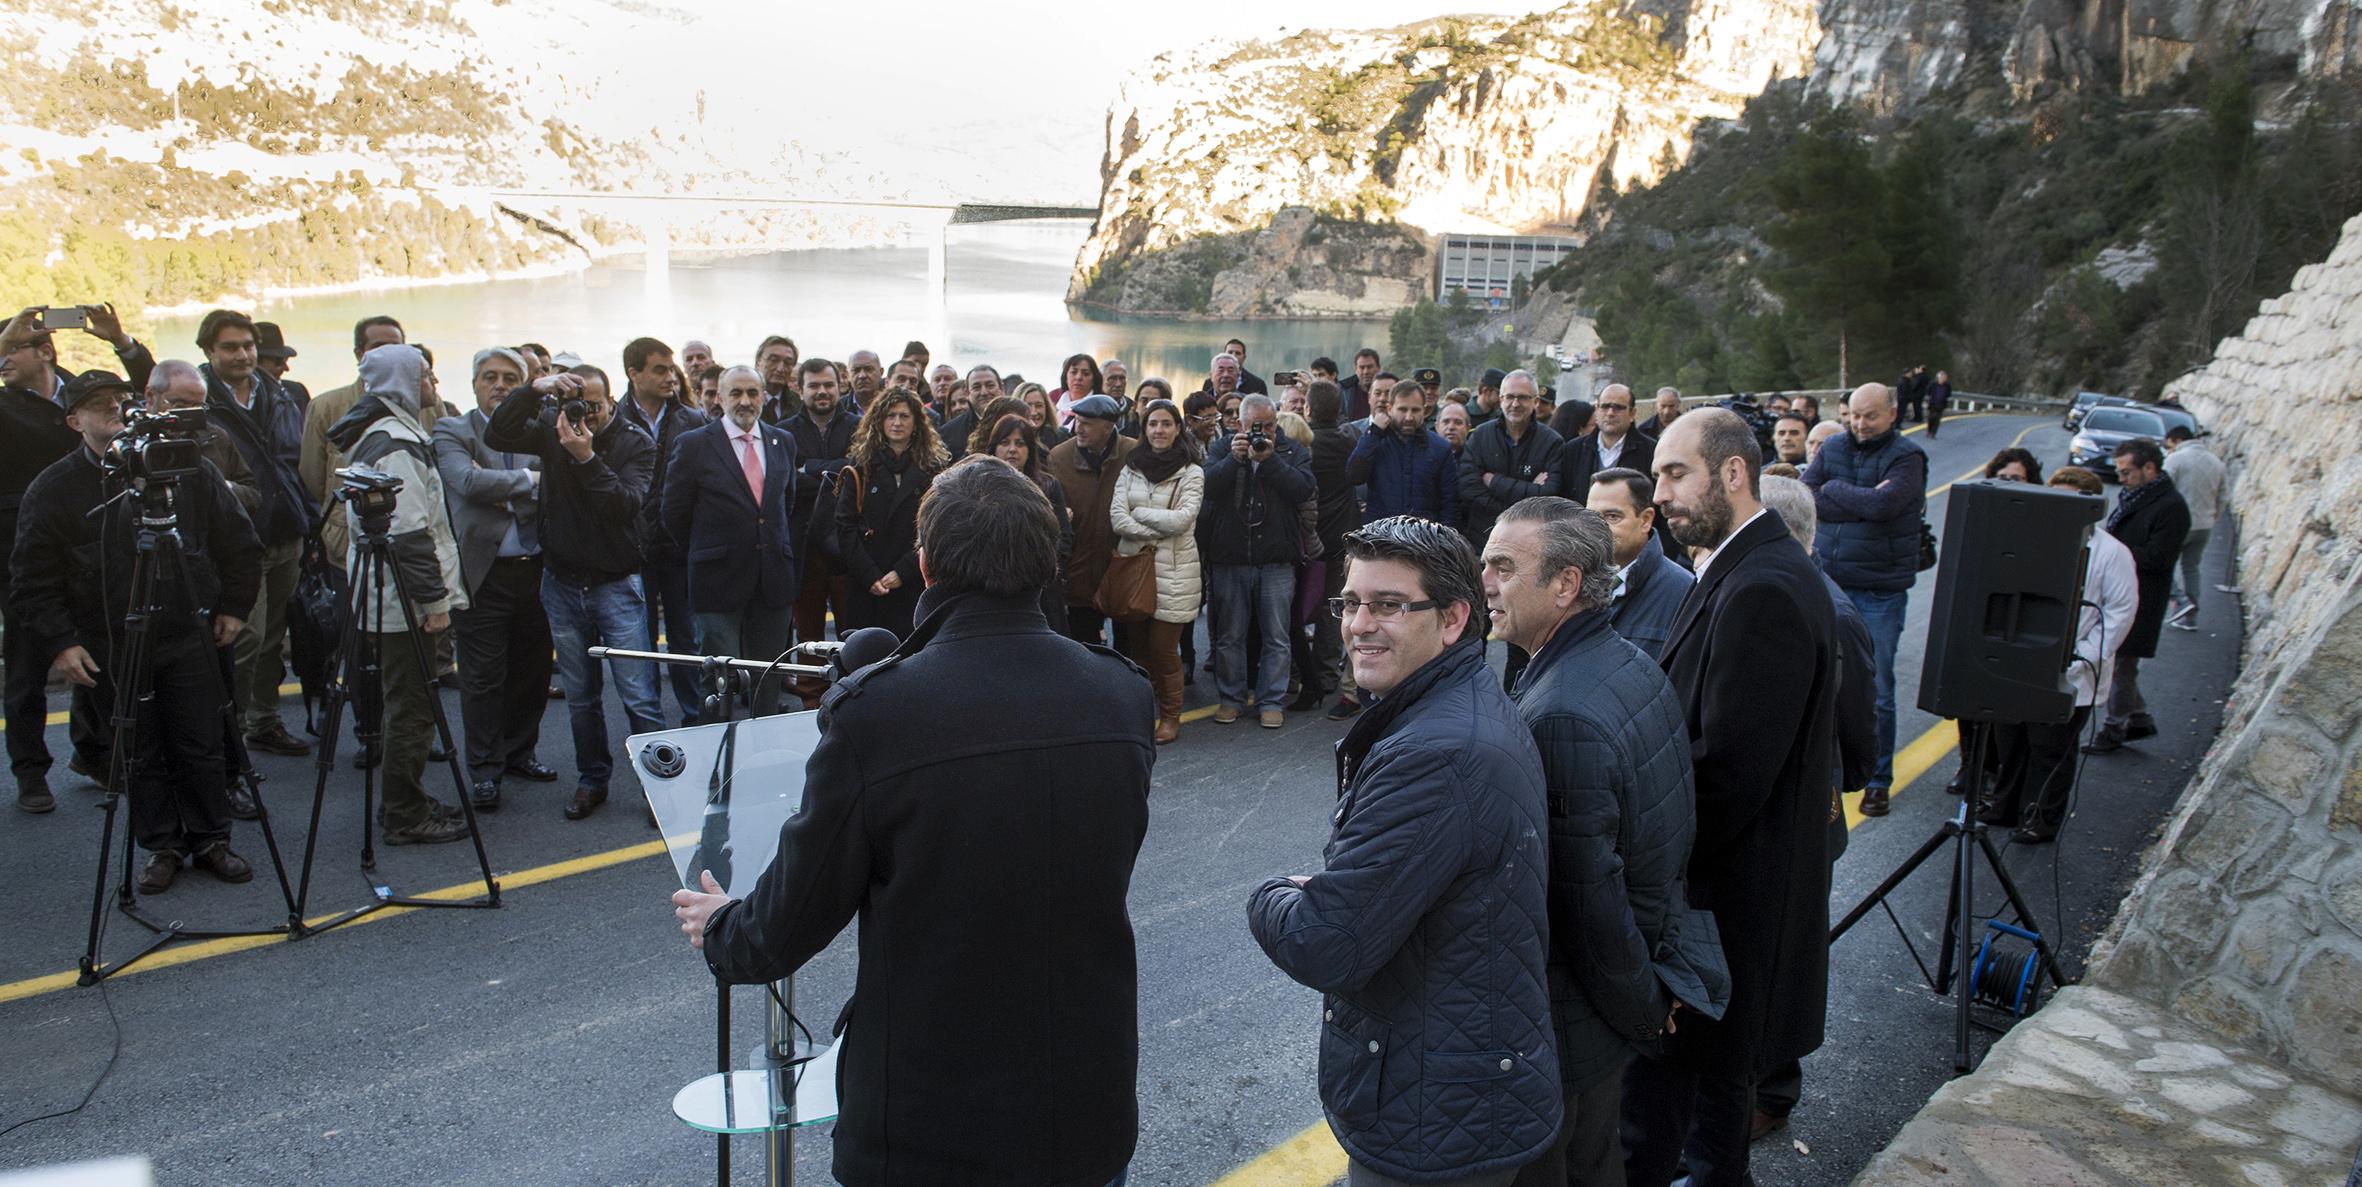 El presidente de la Diputacón, Jorge Rodríguez, se dirigió a los asistentes al acto oficial. Foto: R. A.